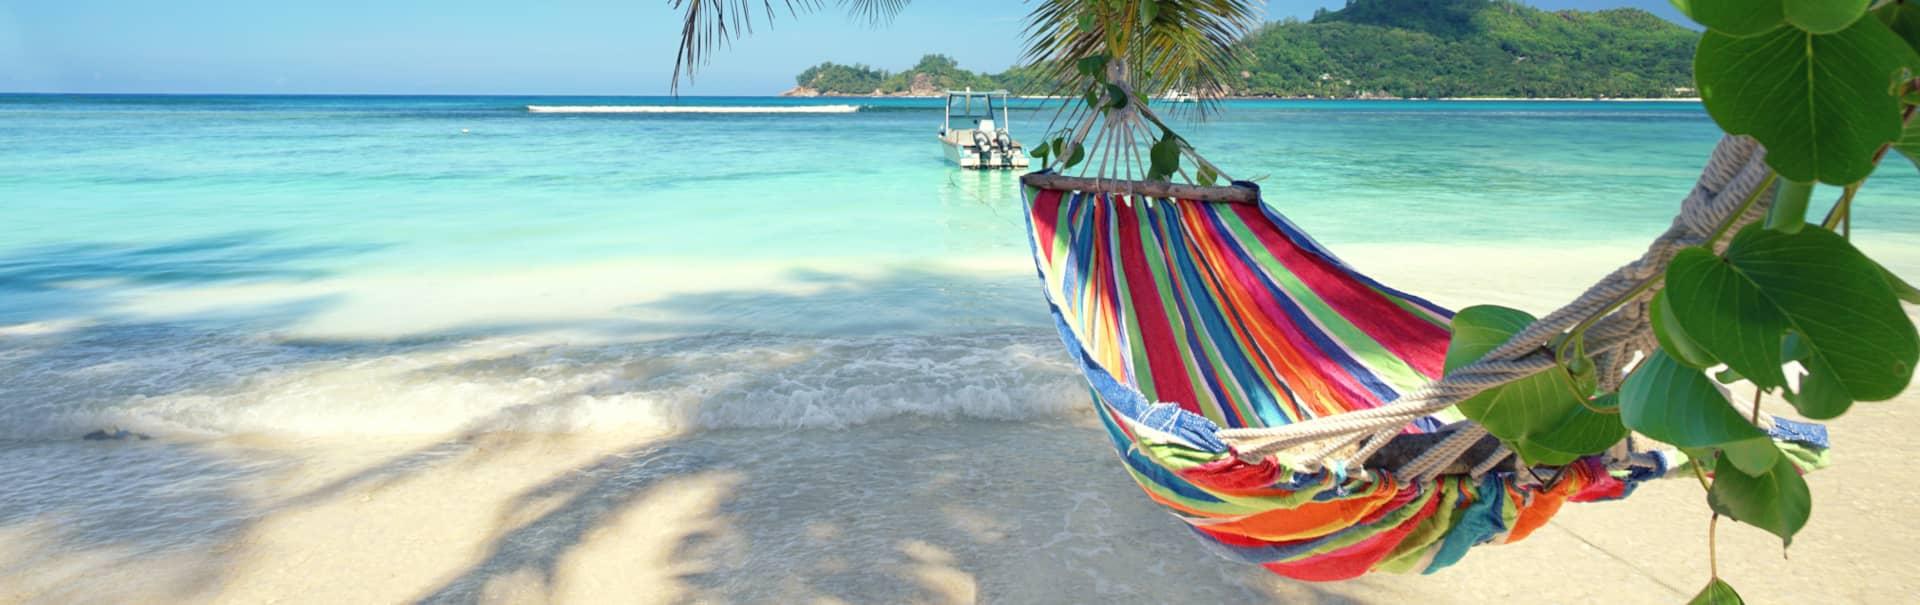 Urlaubsplanung in der Kurzarbeit